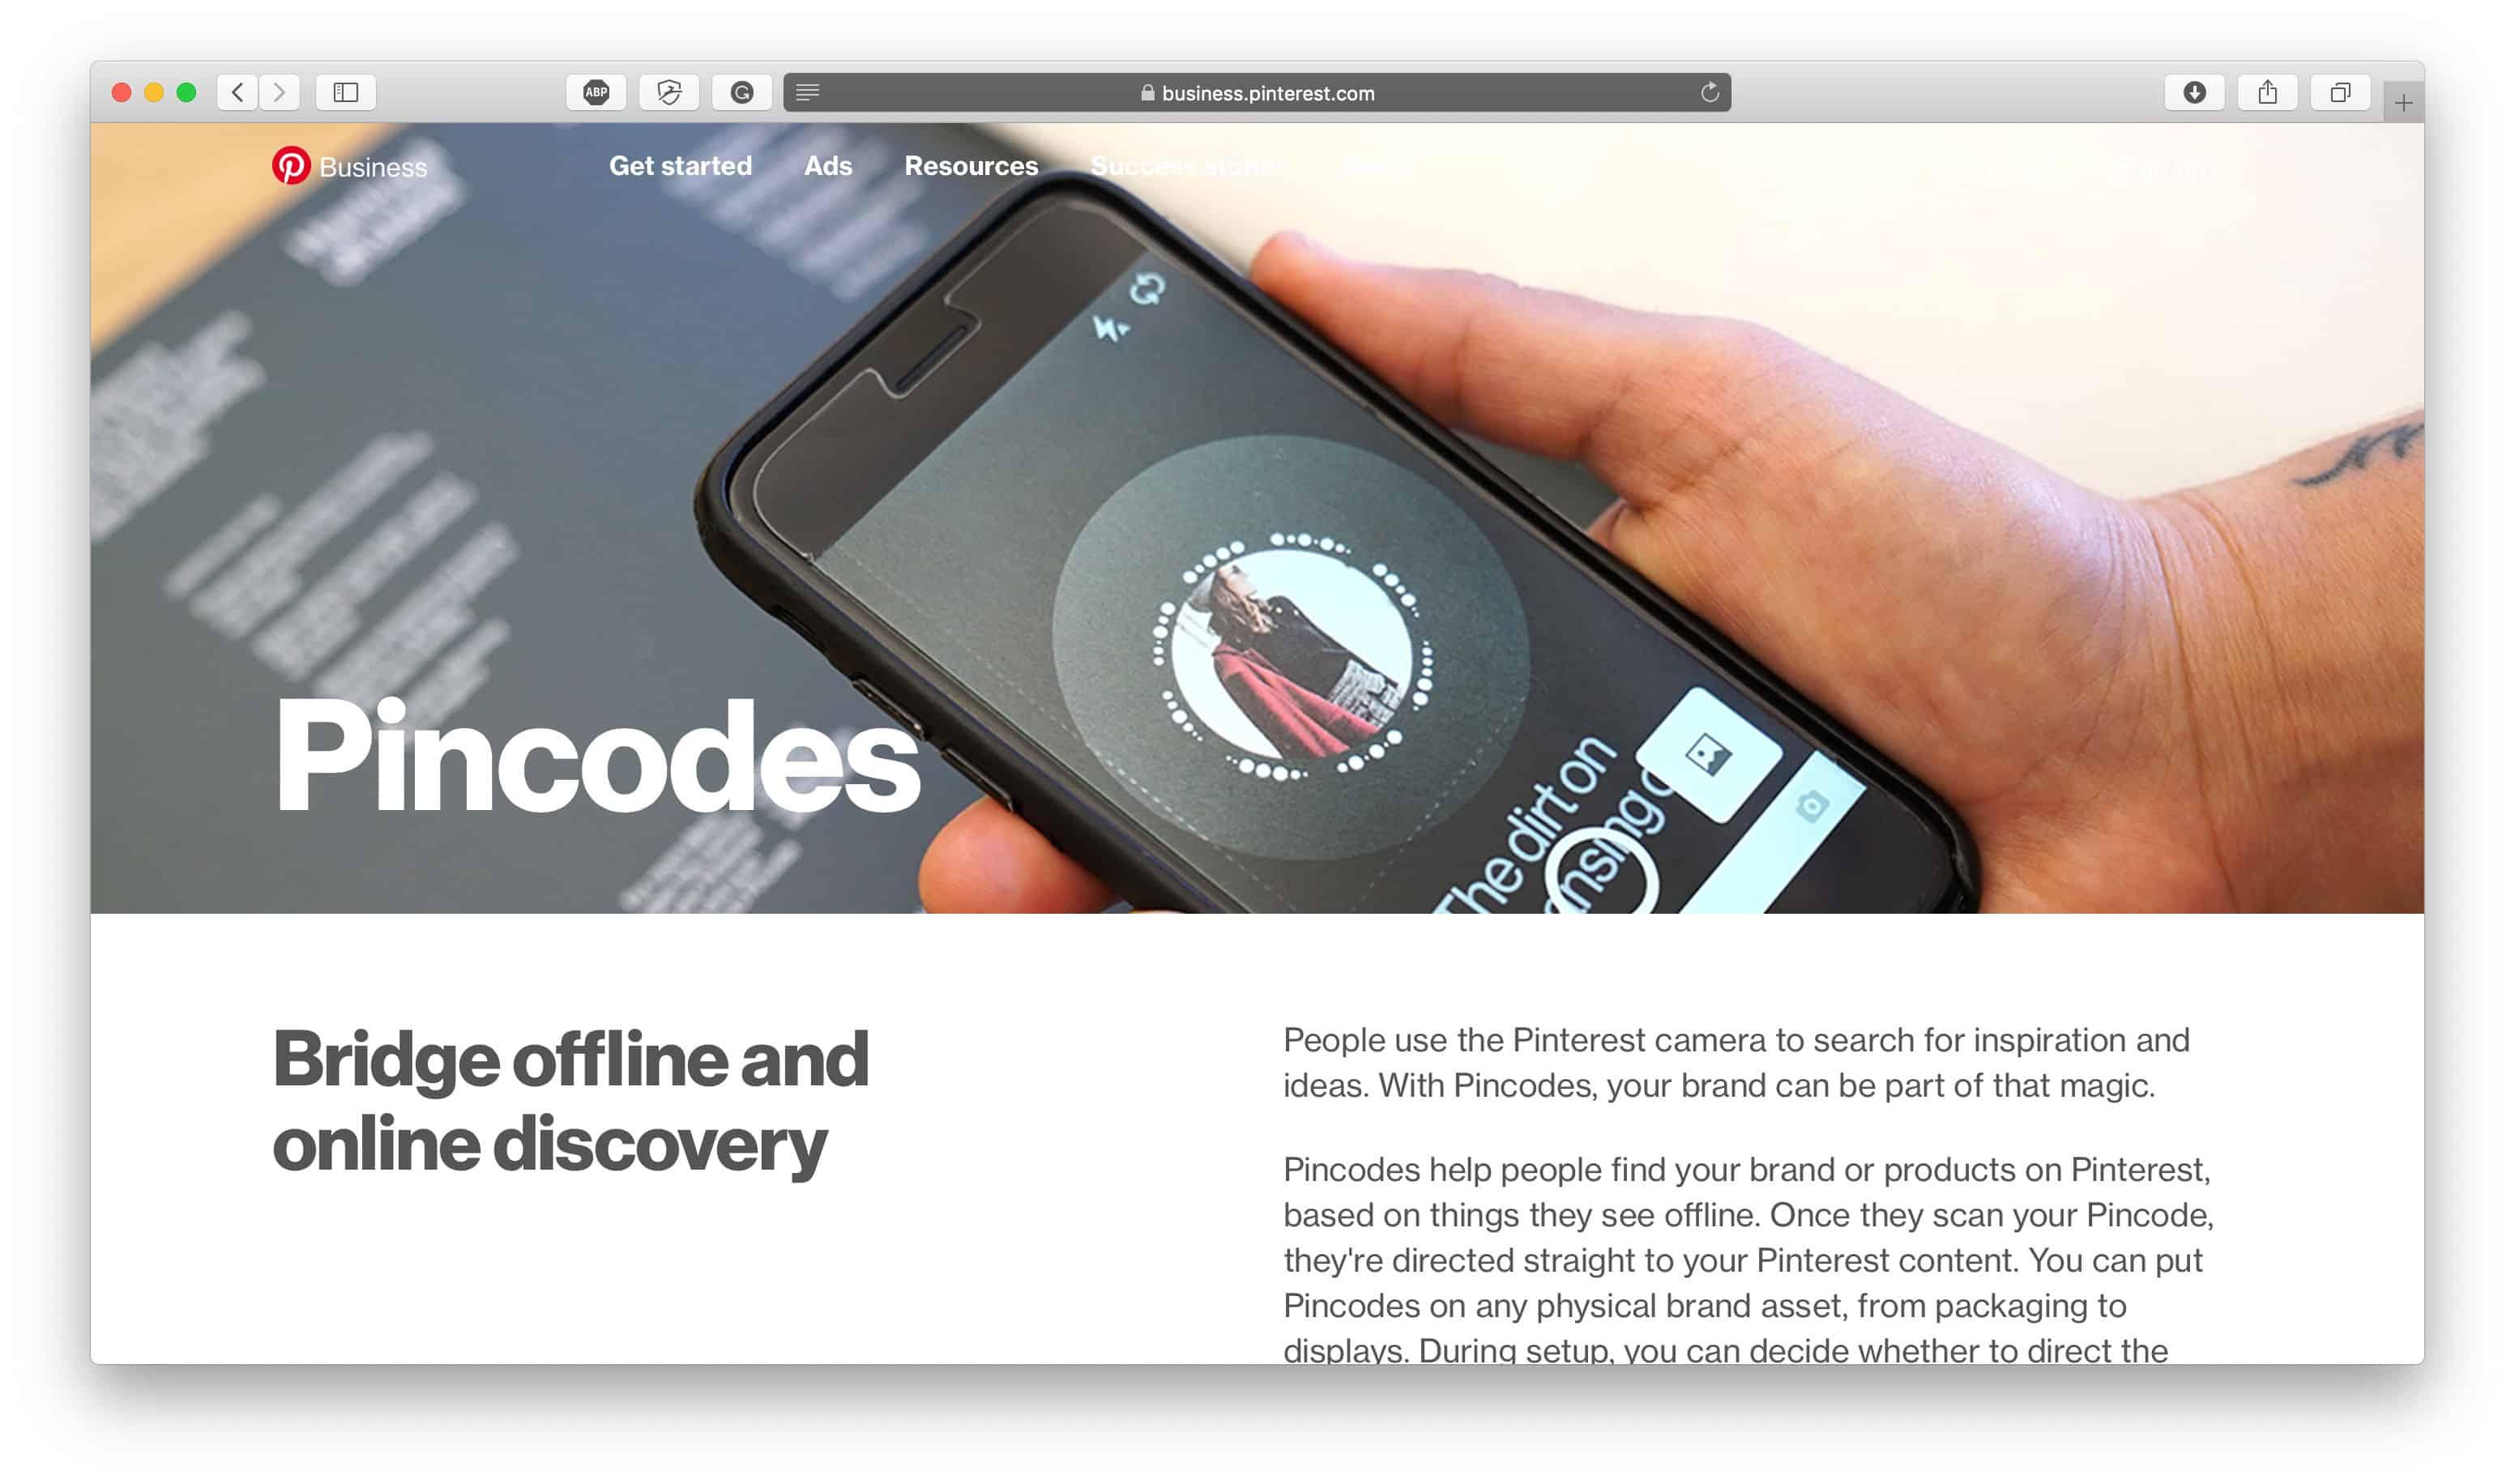 Pinterest Pincodes